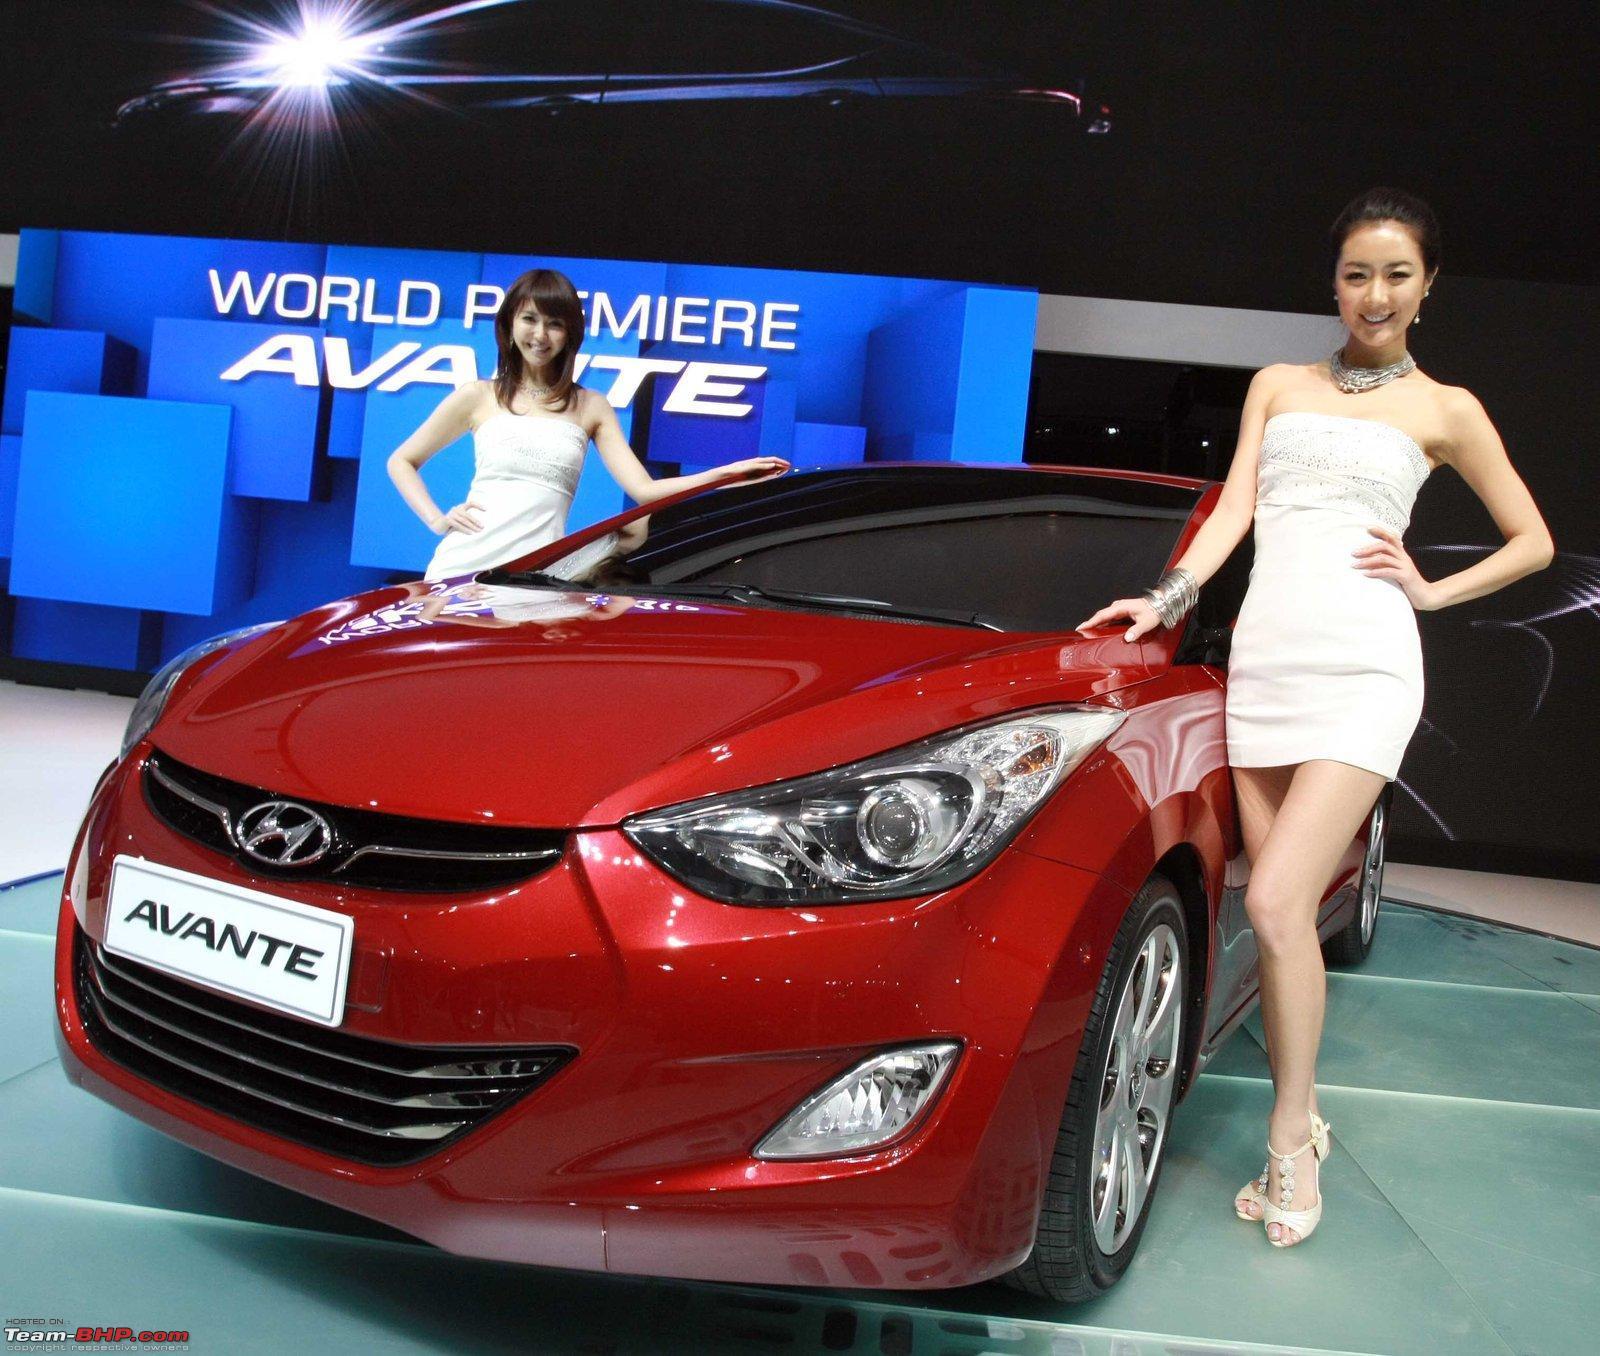 Super Sexy All New 2011 Hyundai Avante Elantra Revealed